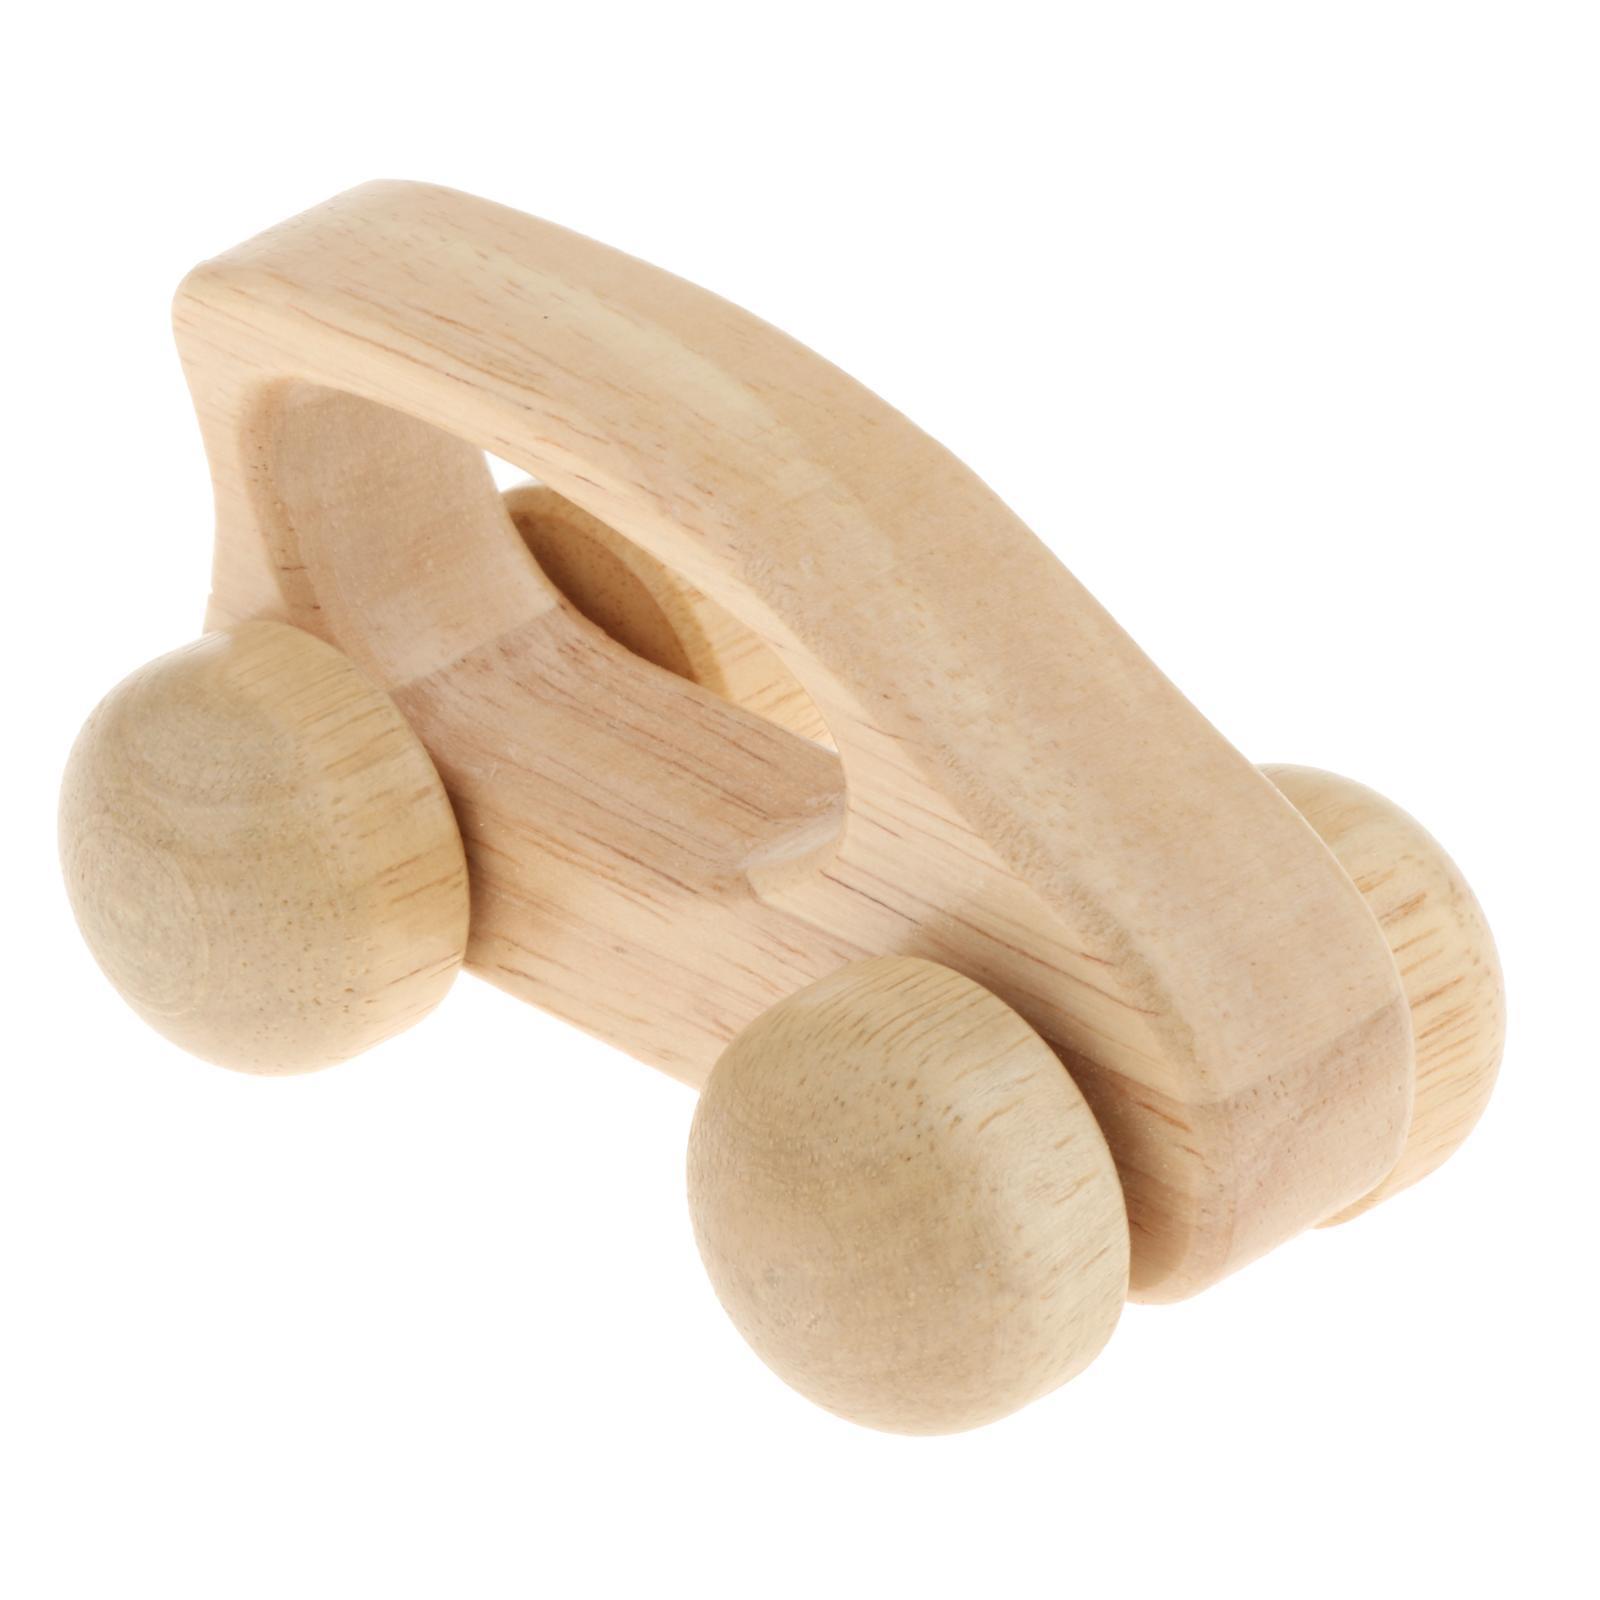 Fatti-a-mano-Giocattoli-di-Legno-Blocchi-di-Auto-Del-Fumetto-di-Attivita miniatura 42